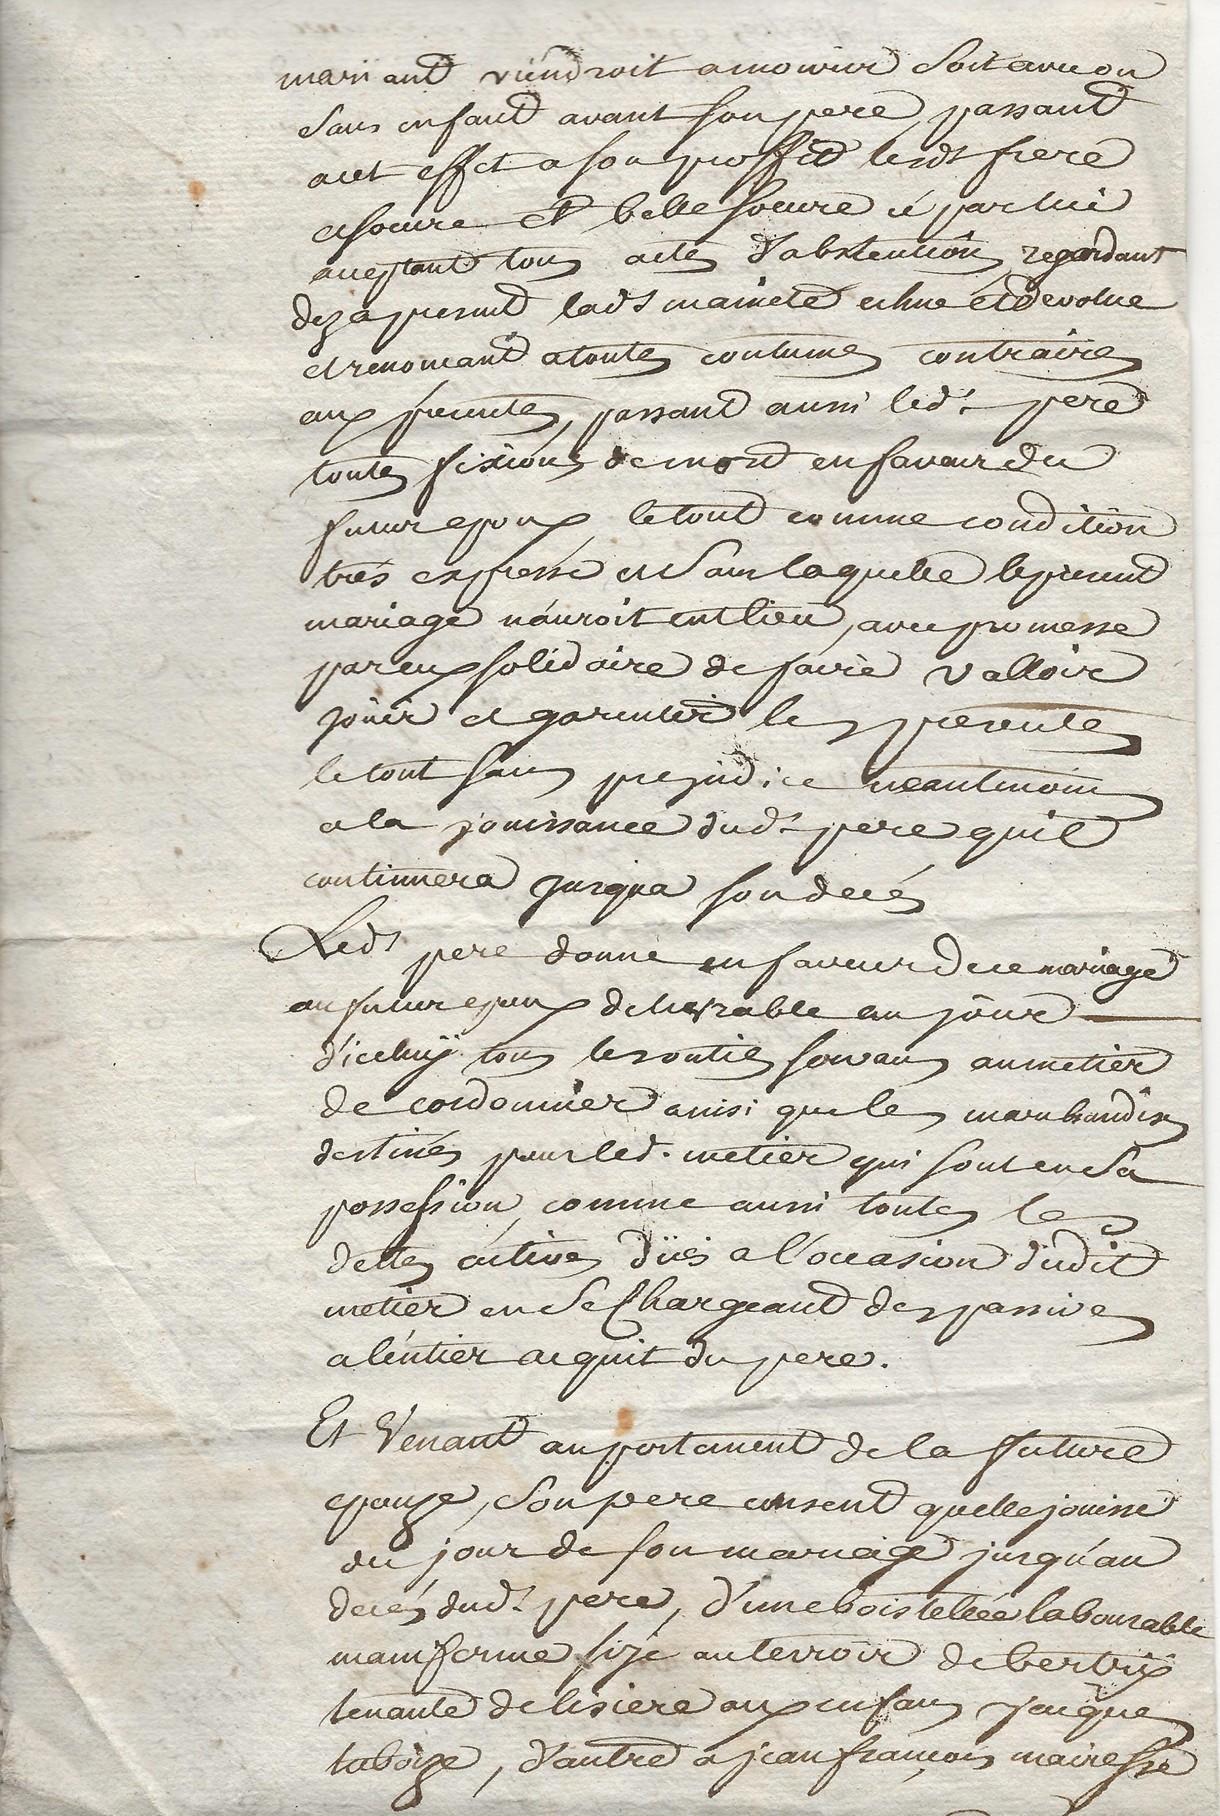 1772 acte partiel moriau jean guislain avec taine jeanne catherine 2